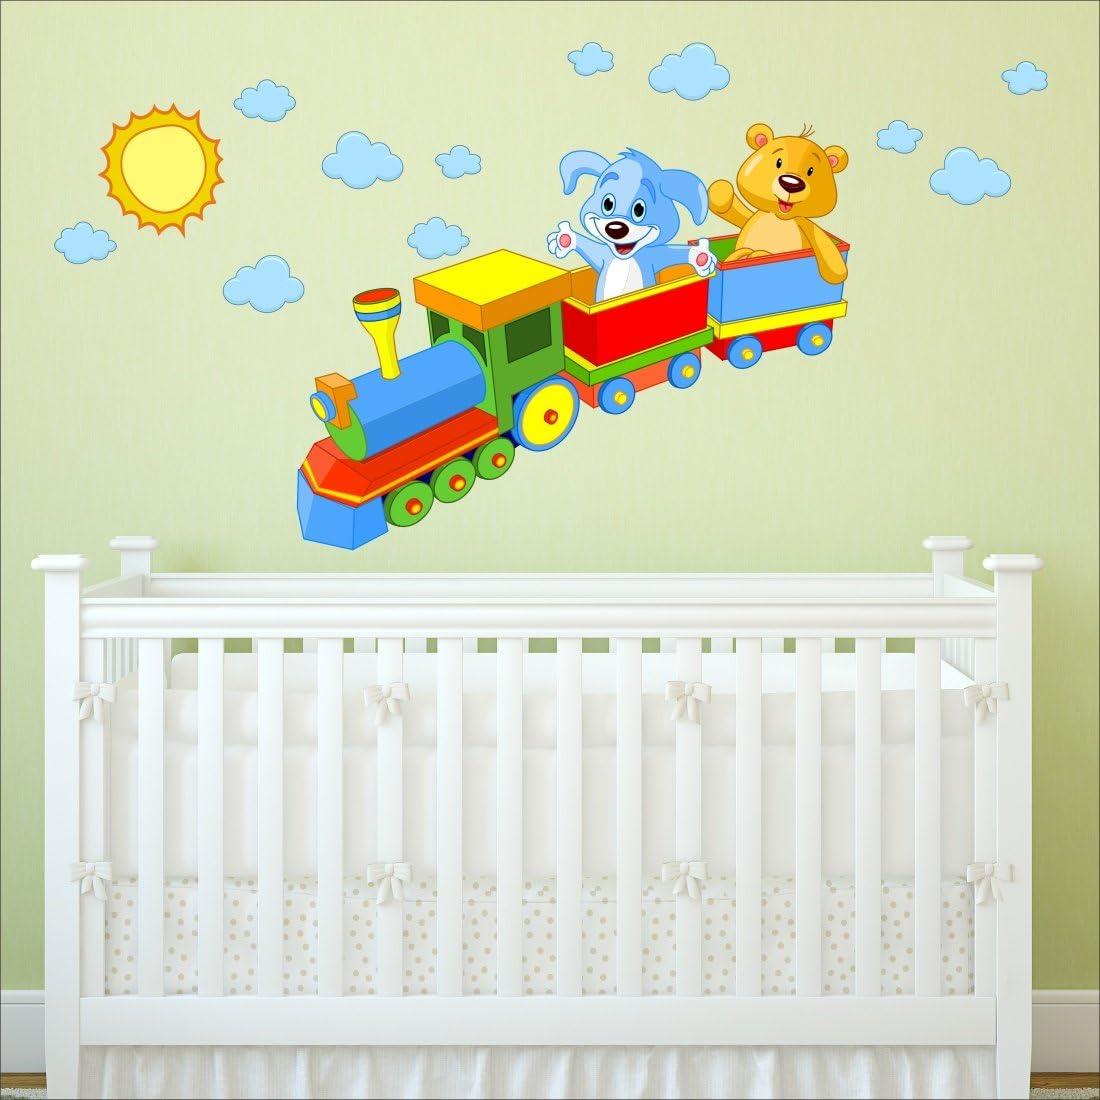 De juguetes para el de sol de nubes de Michelle de tren de vapor adhesivo de pared para la habitación del bebé diseño con texto en inglés adhesivo de pared y calcomanías